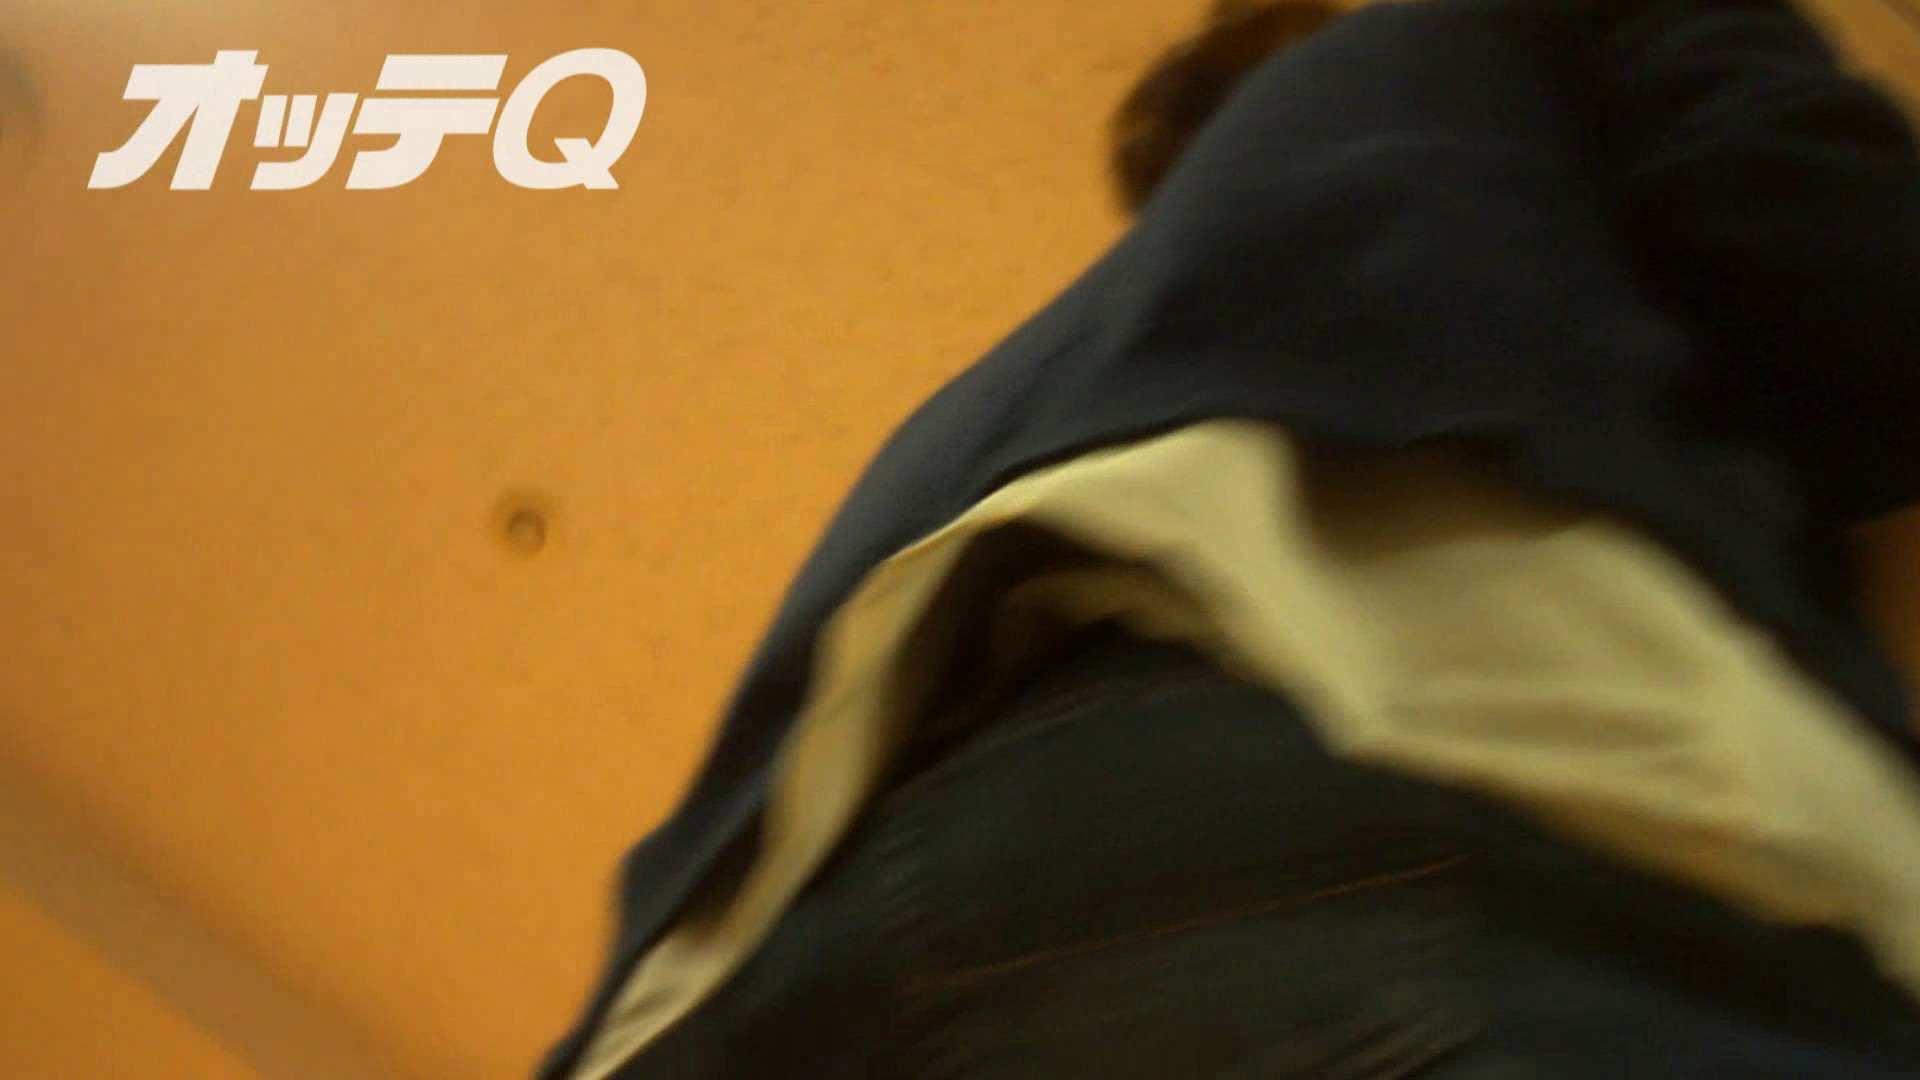 ハイビジョンパンチラ オッテQさんの追跡パンチラデパート編VOL.06 パンチラ  82pic 80